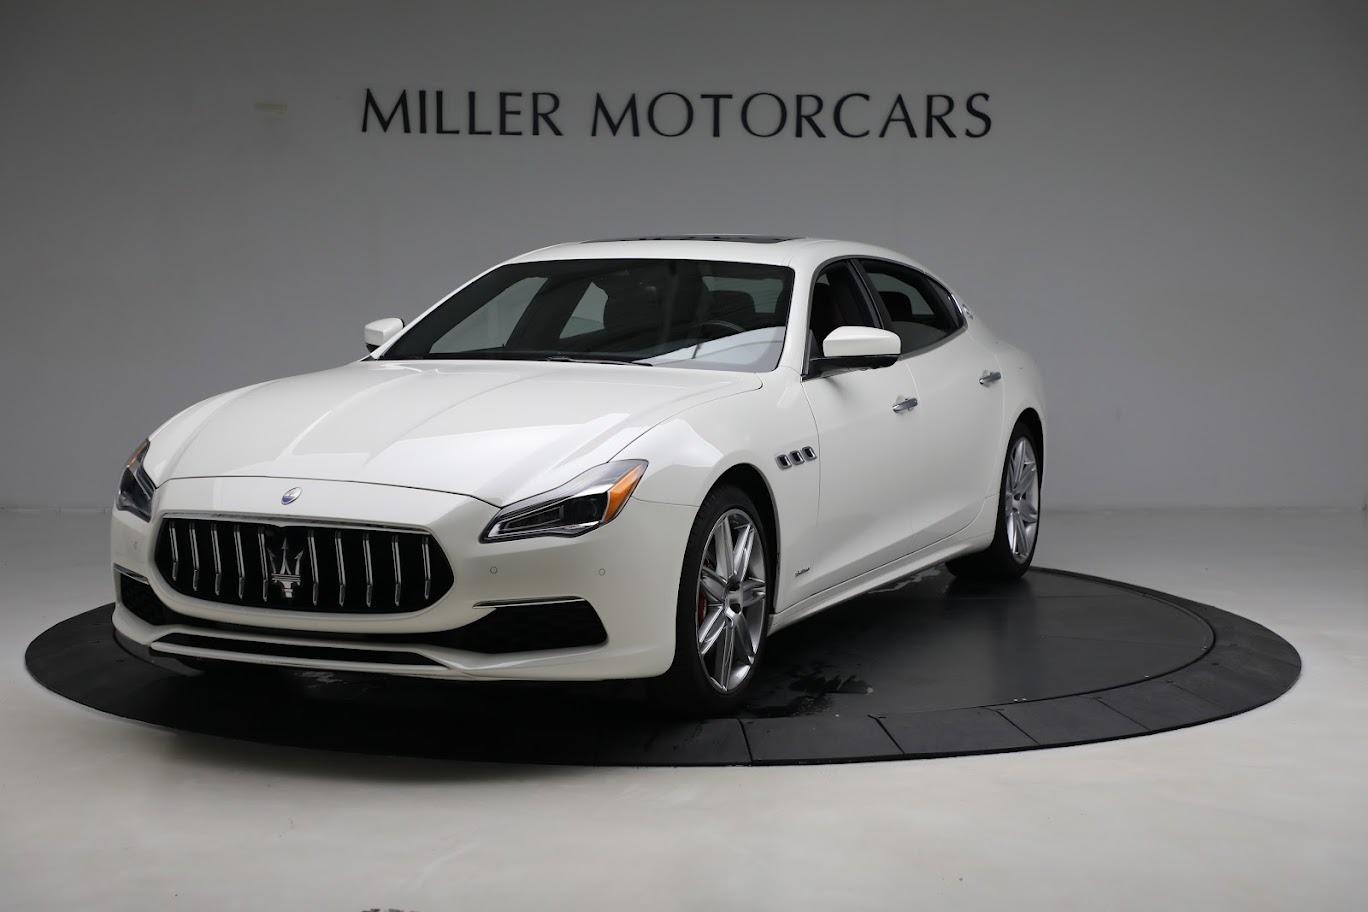 New 2021 Maserati Quattroporte S Q4 GranLusso for sale $120,599 at Pagani of Greenwich in Greenwich CT 06830 1